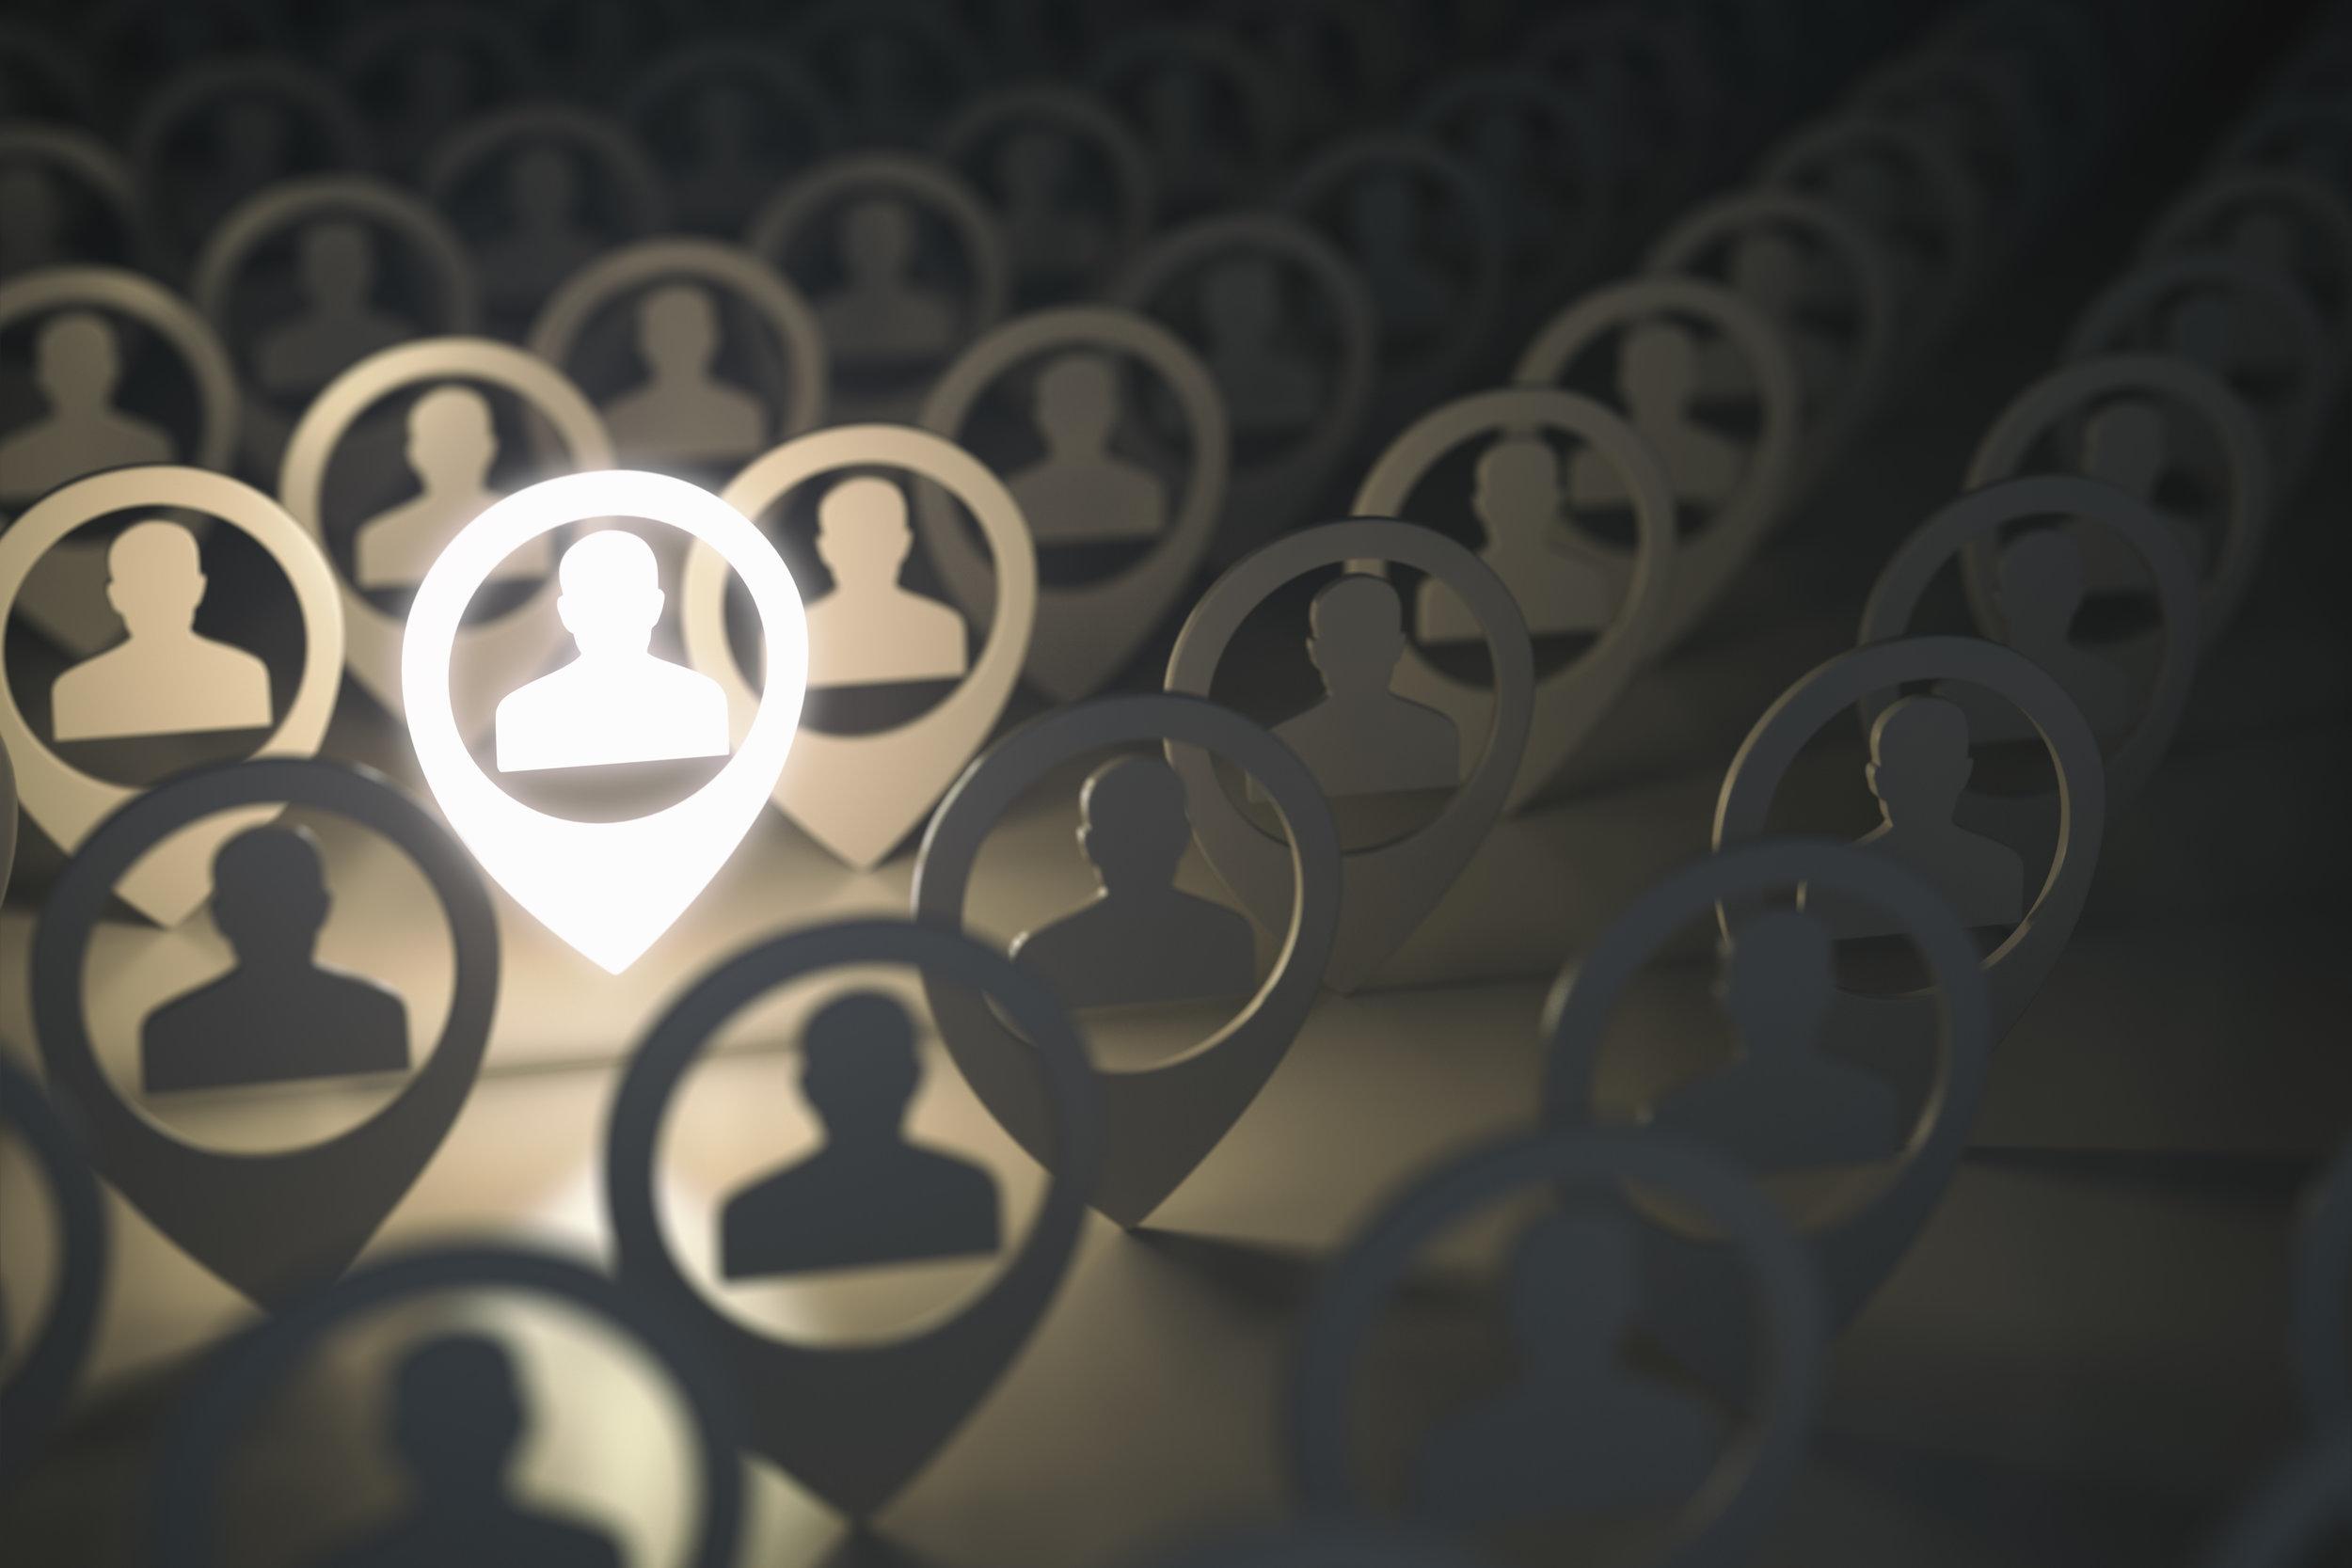 Kombinasjon av direkte søk og annonsering - For noen stillingskategorier kan det være aktuelt å kombinere et målrettet og direkte søk med annonsering av stillingen i utvalgte media. Søket blir gjennomført ved bruk av tilgjengelige databaser og et omfattende personlig nettverk.